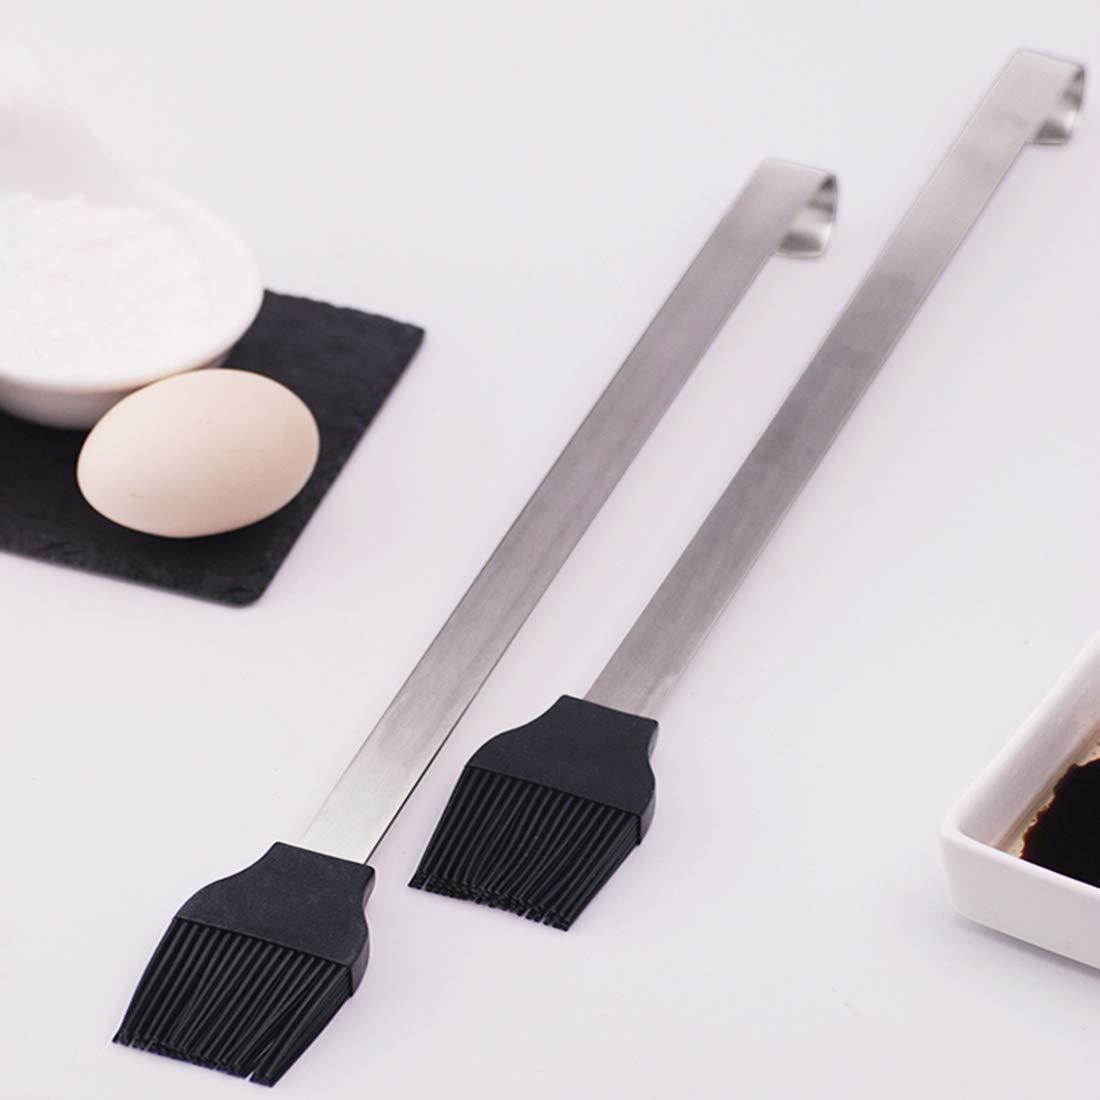 Mantequilla y Aceite, 35 * 4 * 3cm Cepillo para Hornear del Acero Inoxidable Cabeza del Cepillo del Silic/ón,Puede ser Utilizado para Pan White Deer Pincel de Cocina